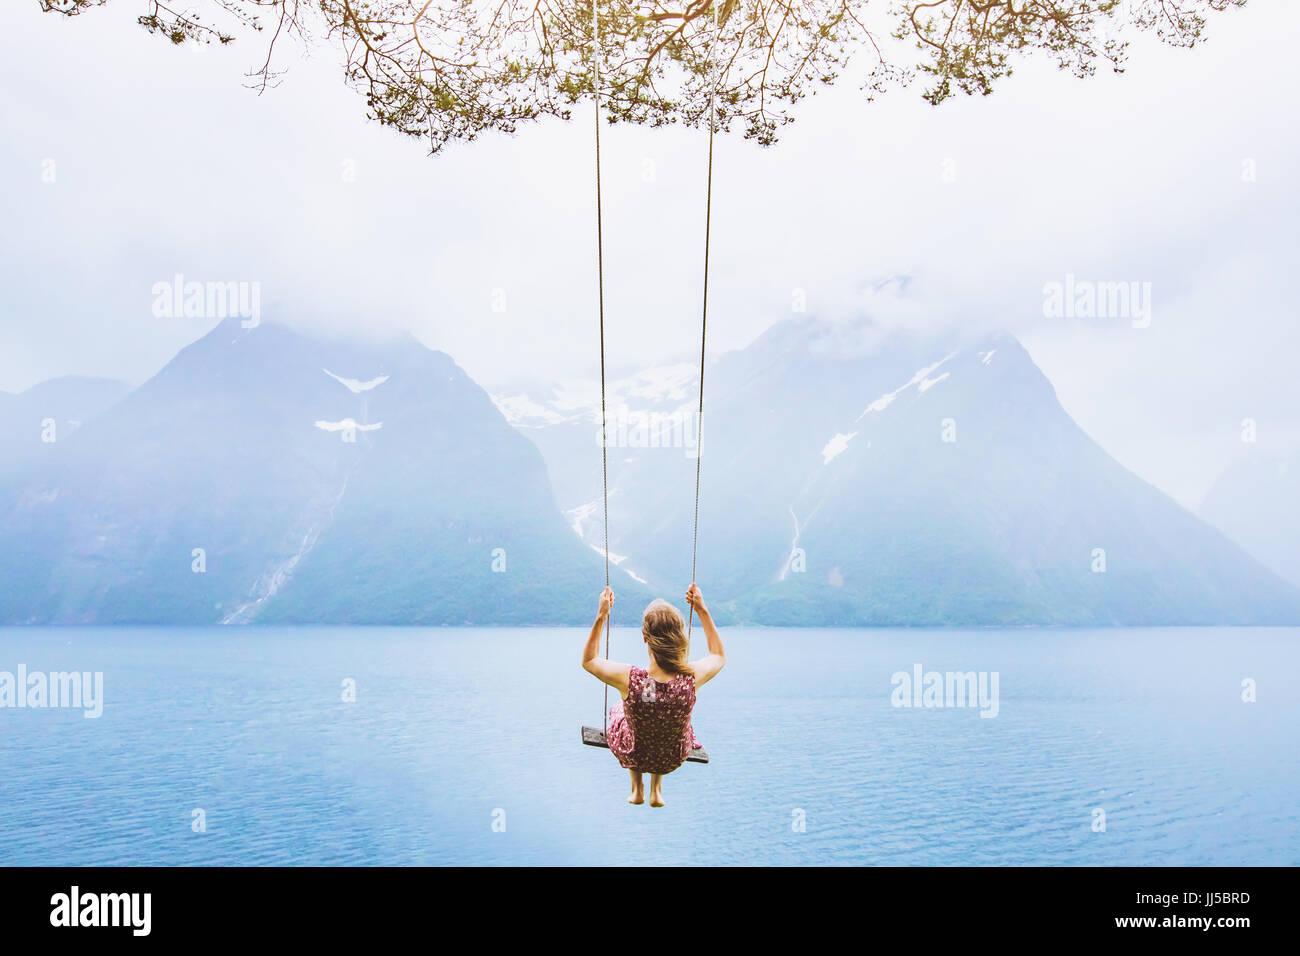 Concetto di sogno, bella giovane donna sull'altalena in Fjord Norway, suggestivo paesaggio Immagini Stock